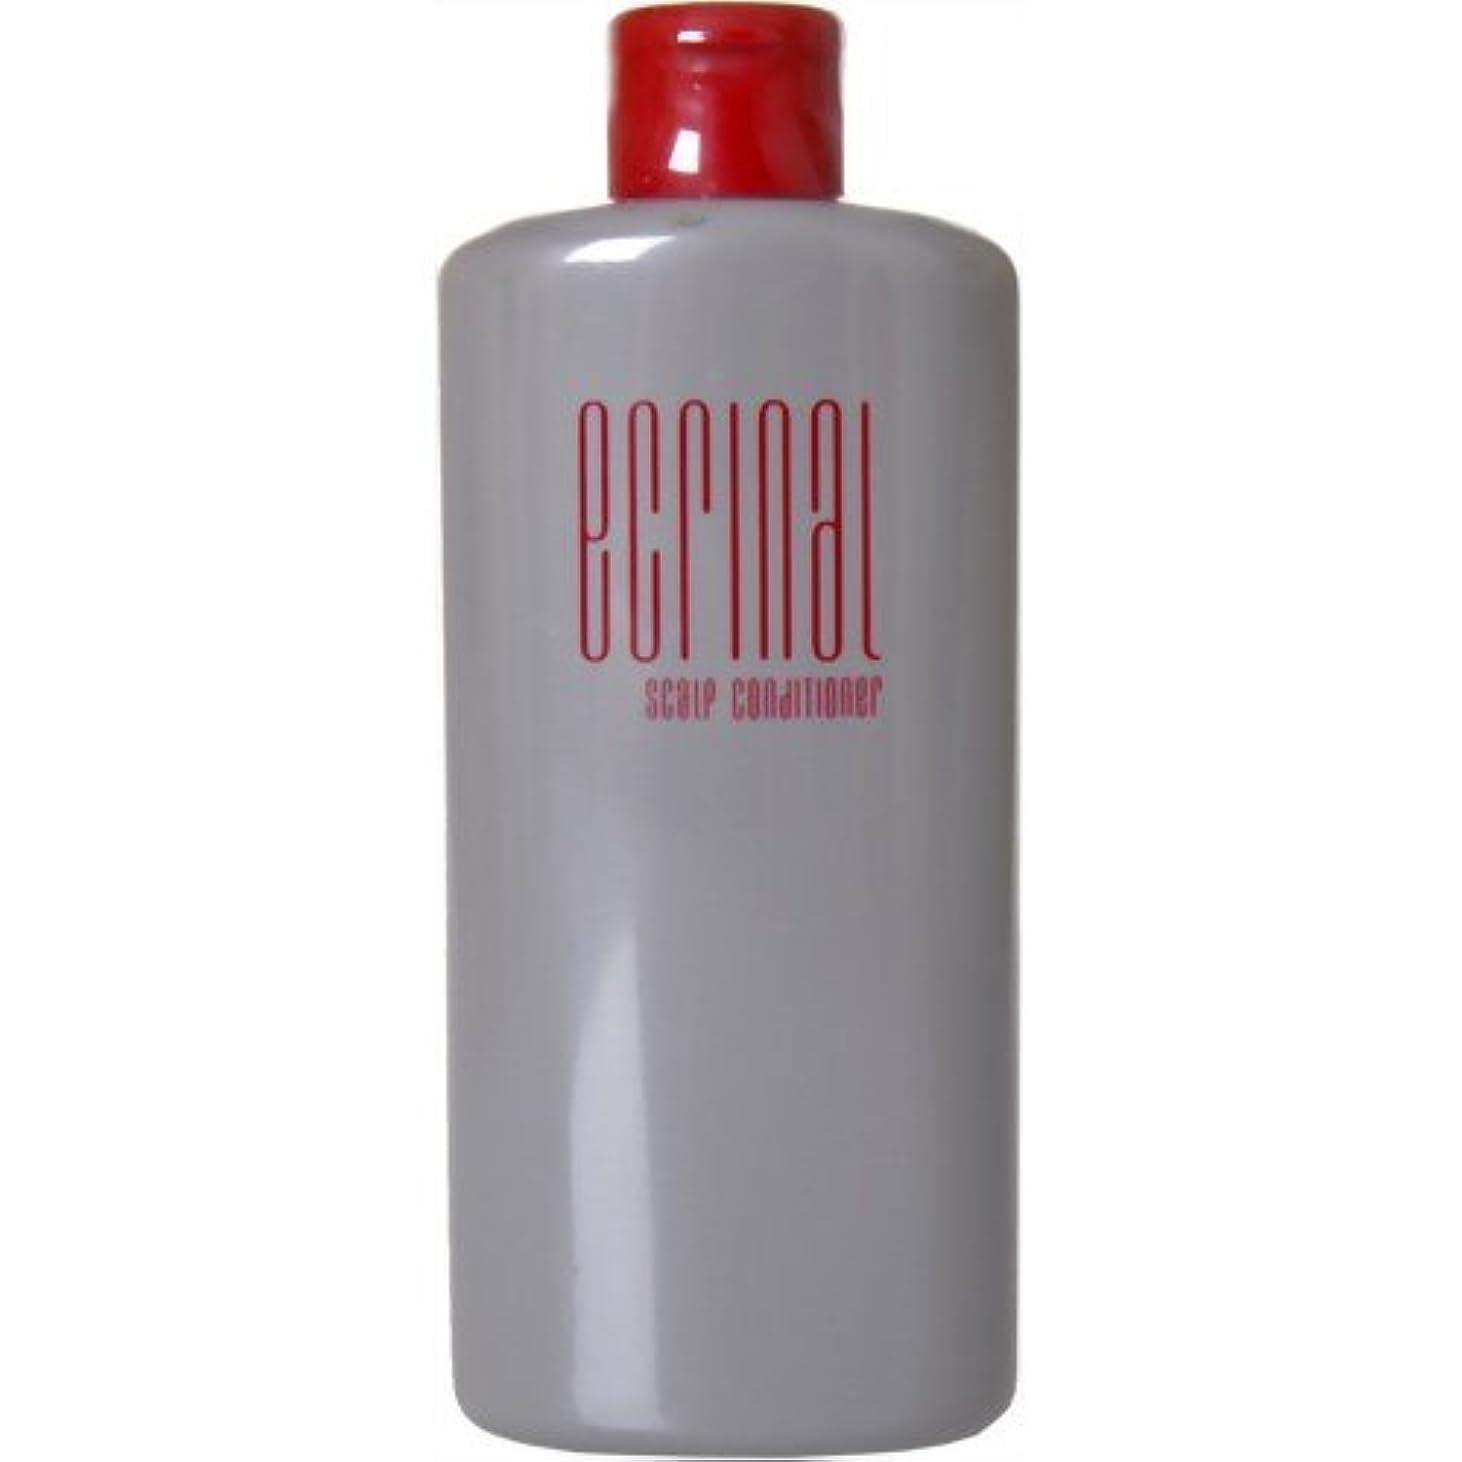 大人マイコン統治可能デミ化粧品 エクリナール スキャルプコンディショナー 容量300ml